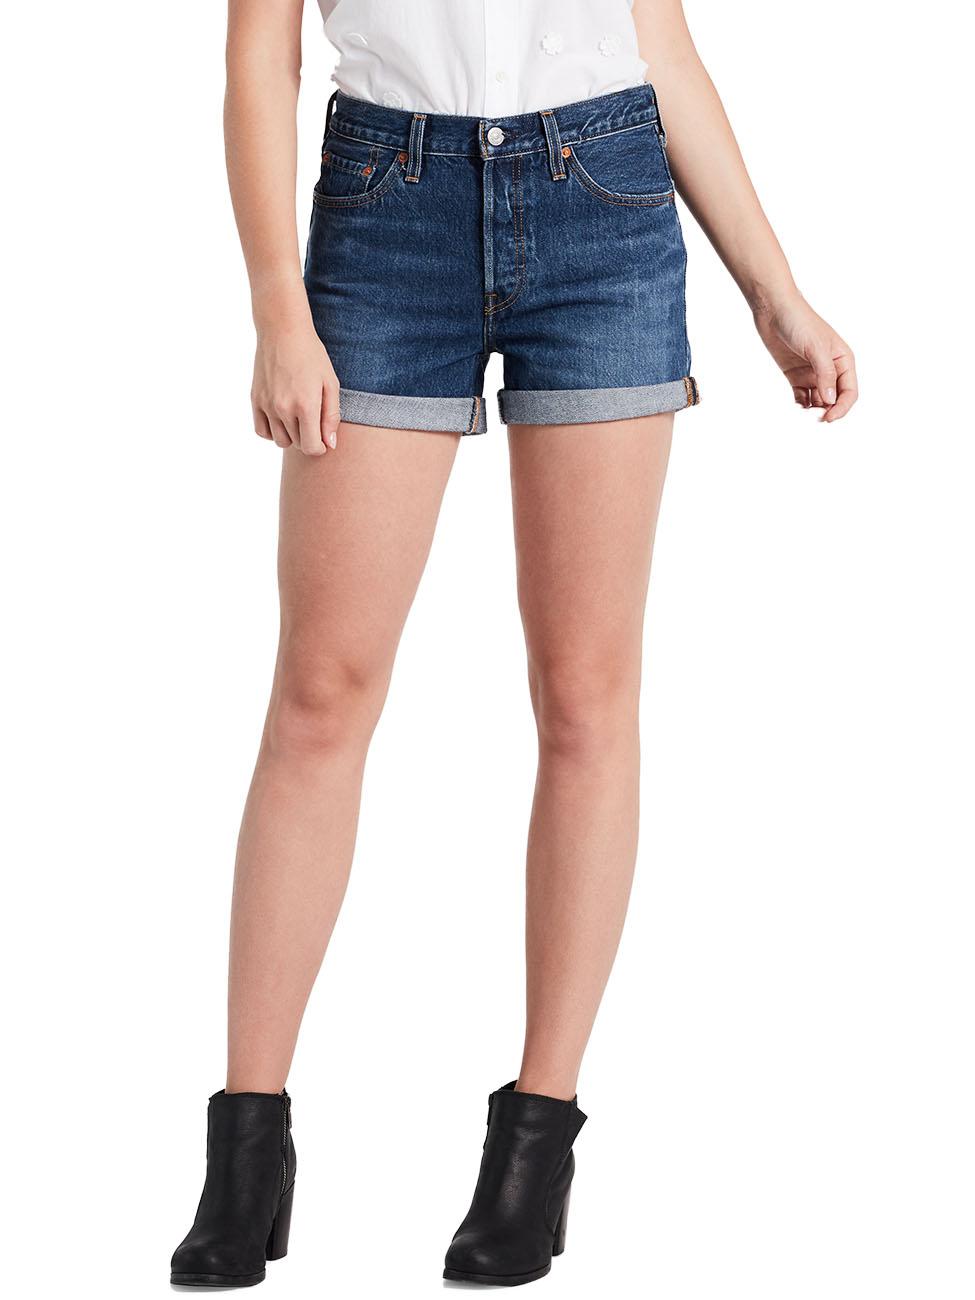 levis-damen-jeans-short-501-short-long-blau-blue-clue